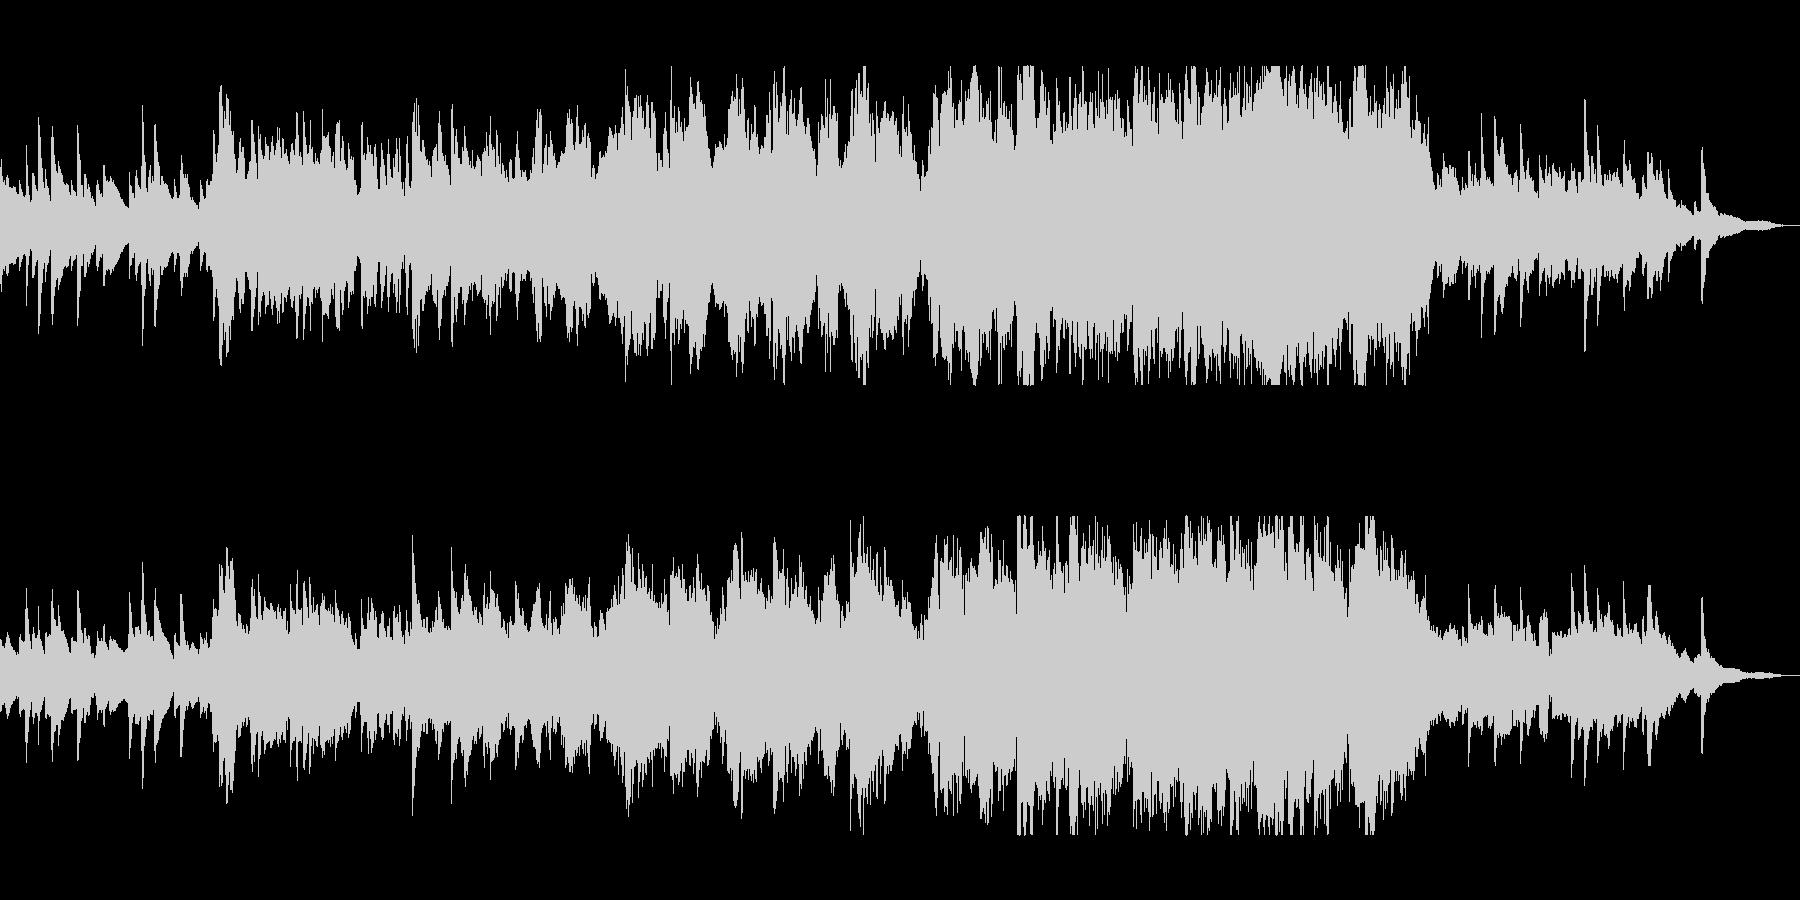 優しく美しいピアノバイオリンサウンドの未再生の波形